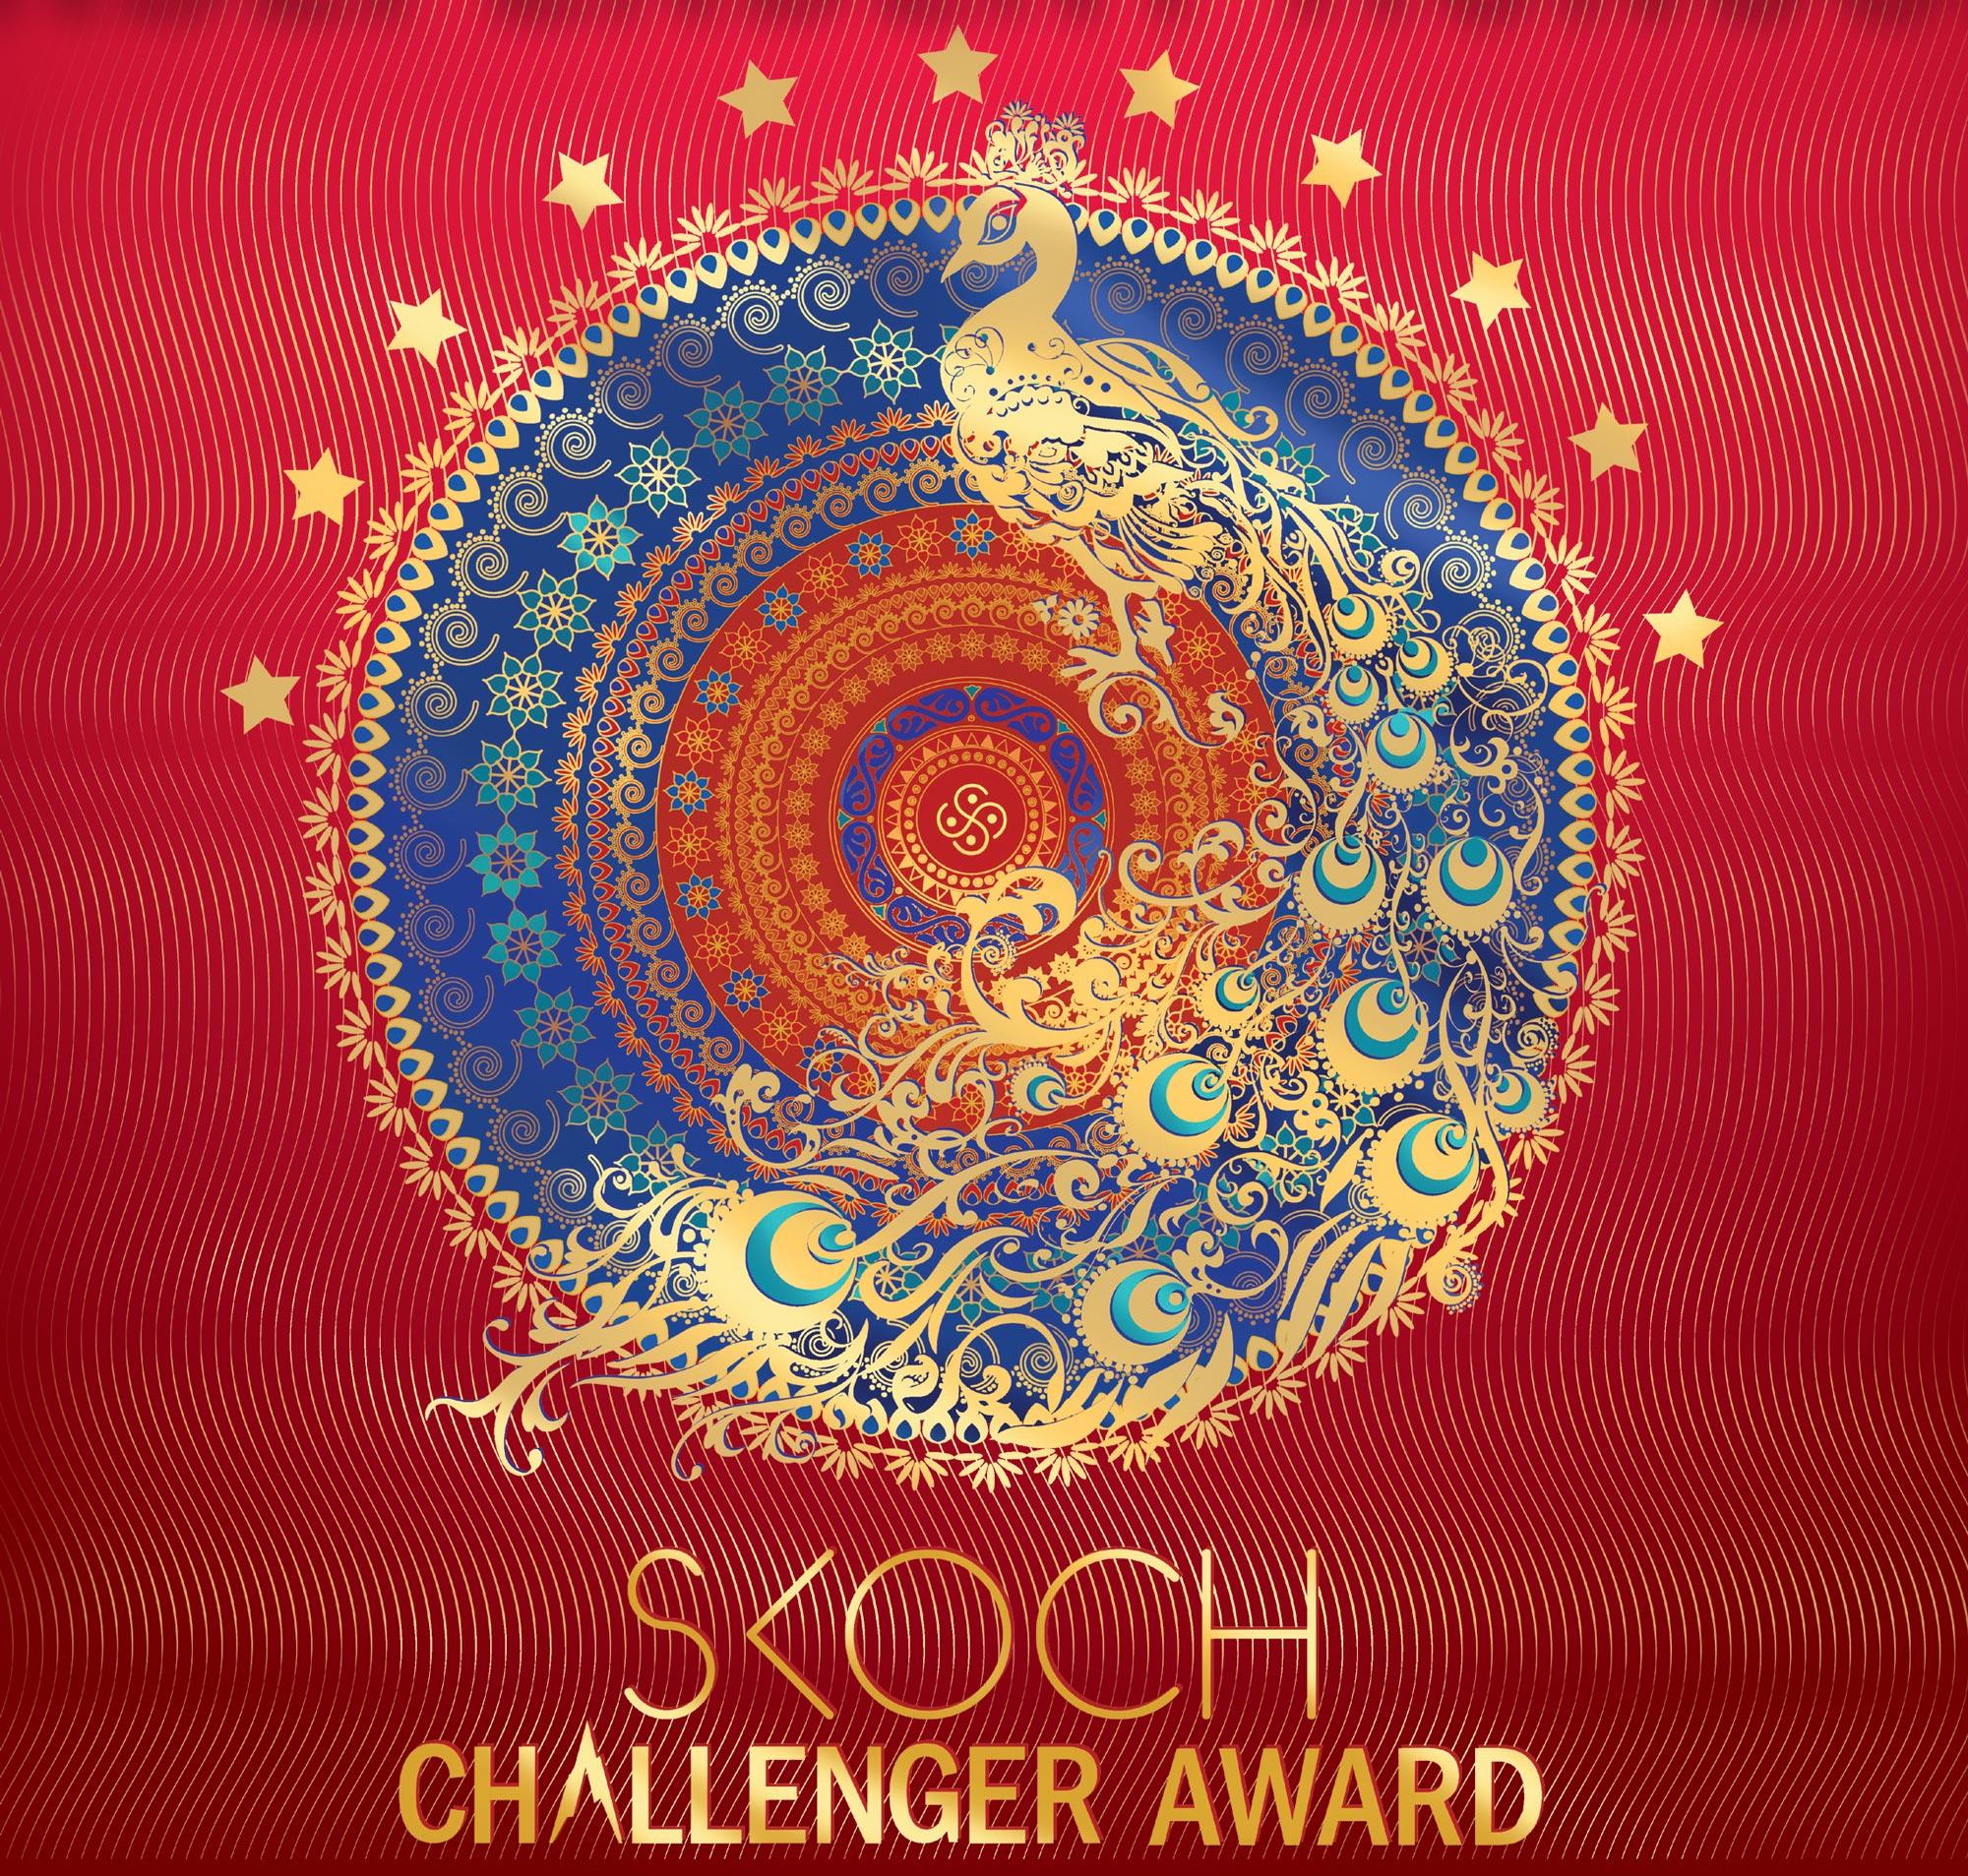 Challenger-Award-logo-red-bg